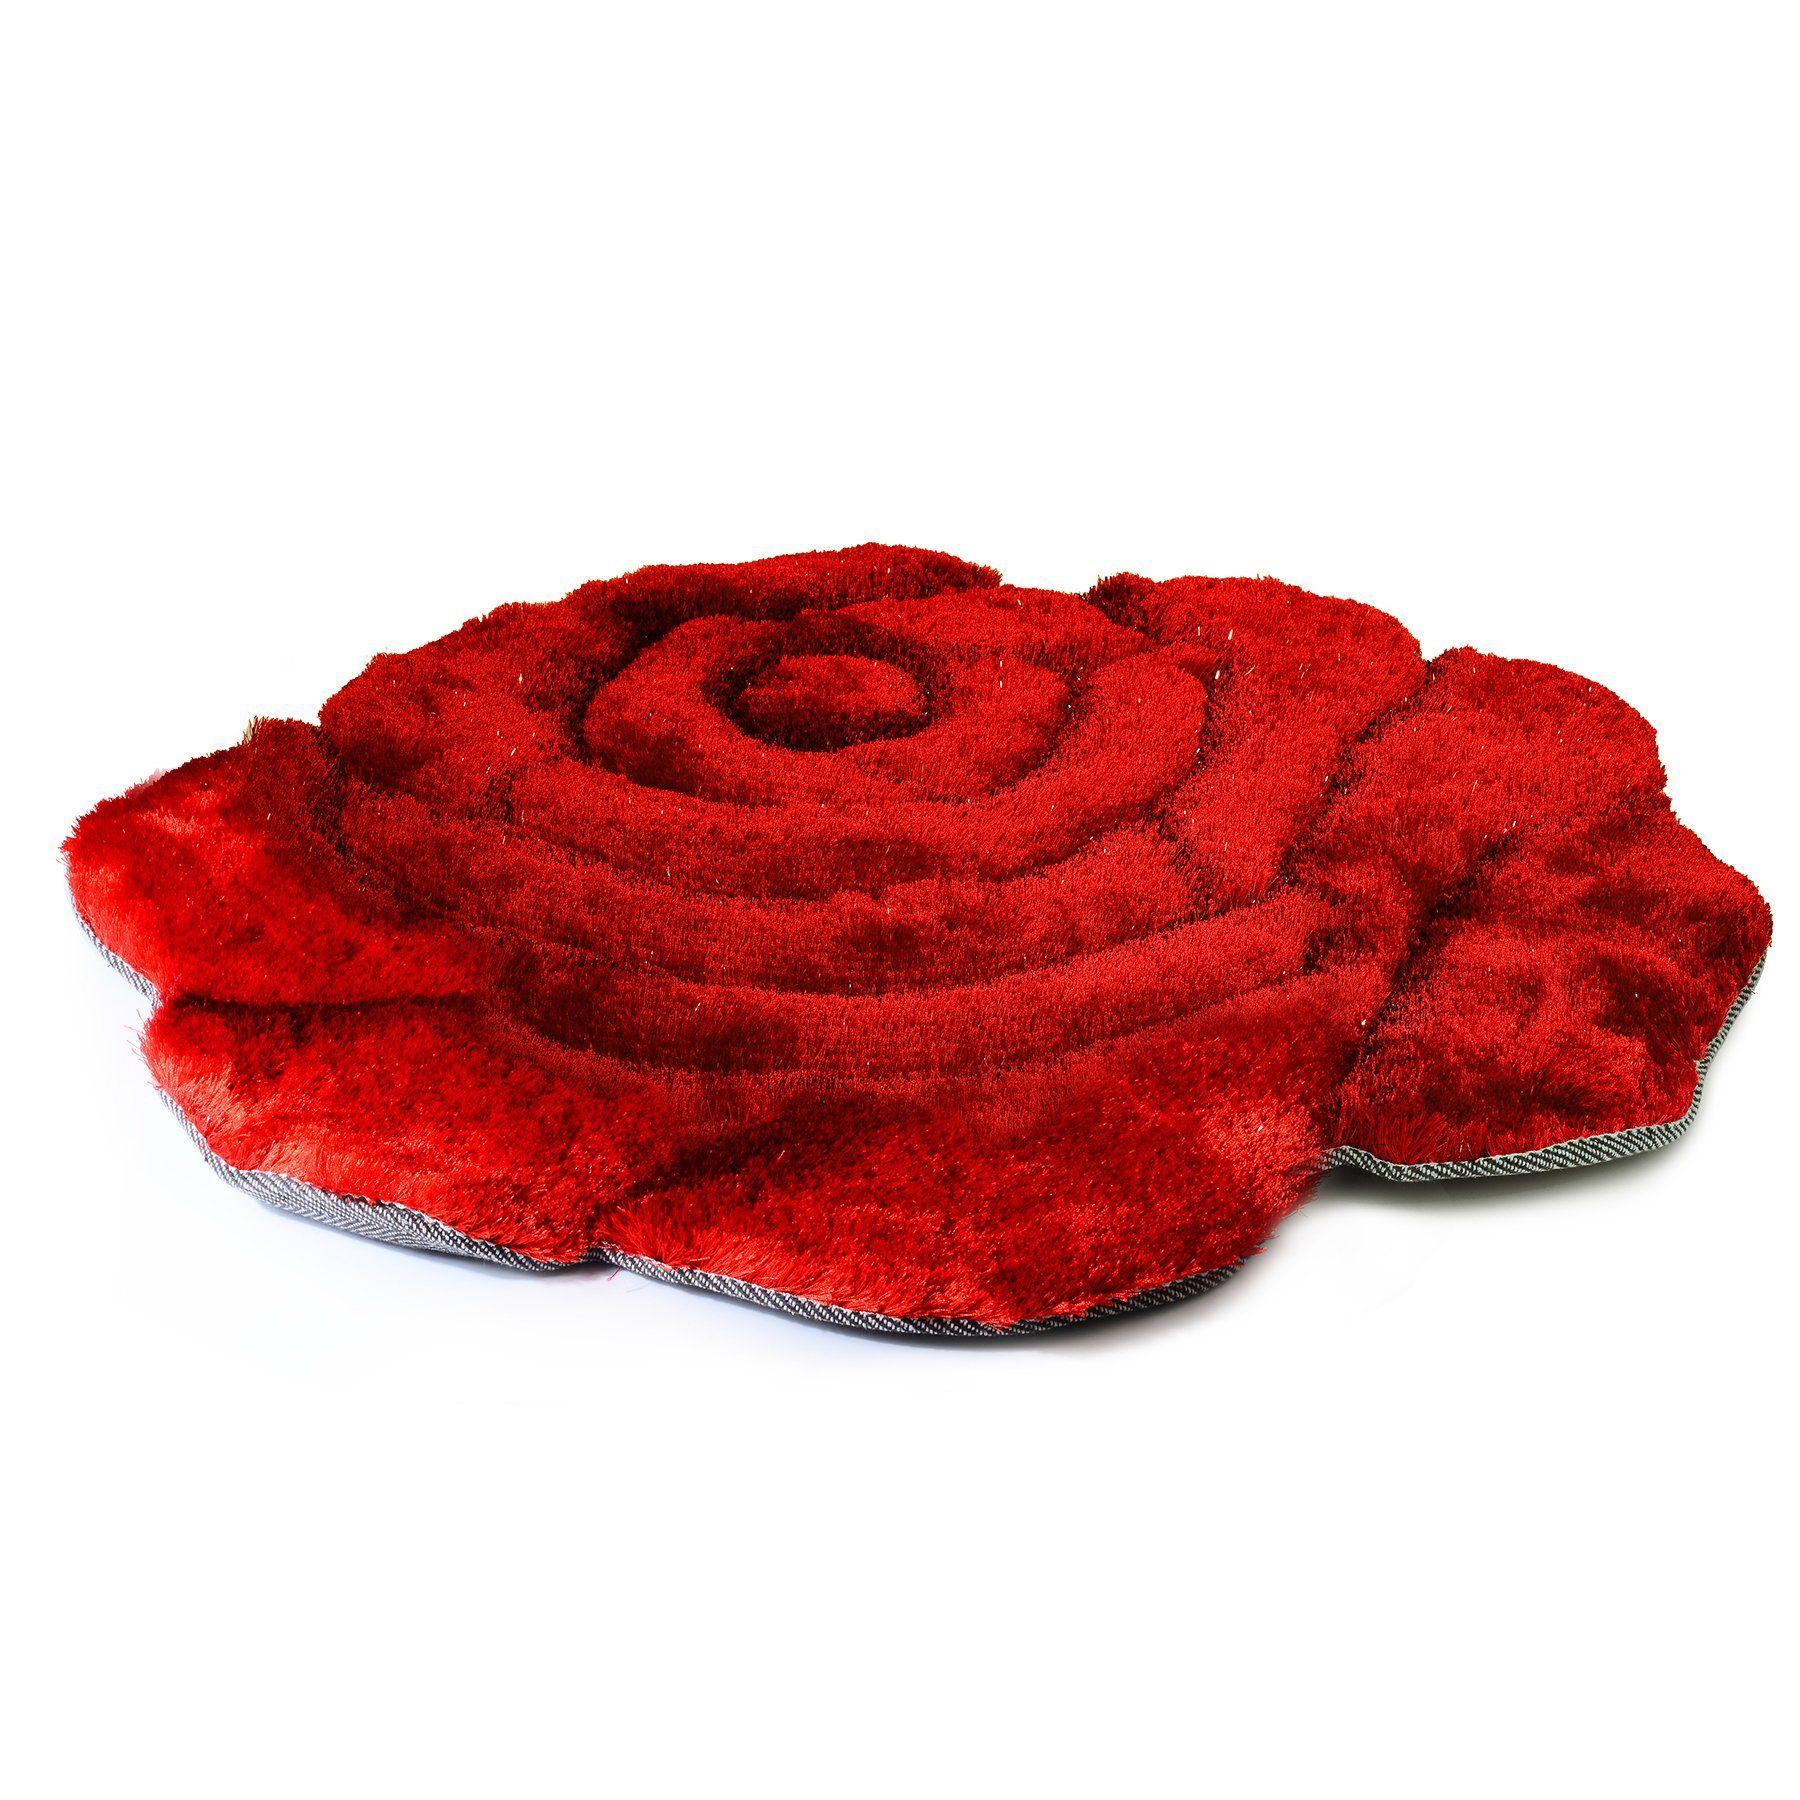 Com Super Soft Solid Color Area Rug Modern Rose Flower Shaped Shag